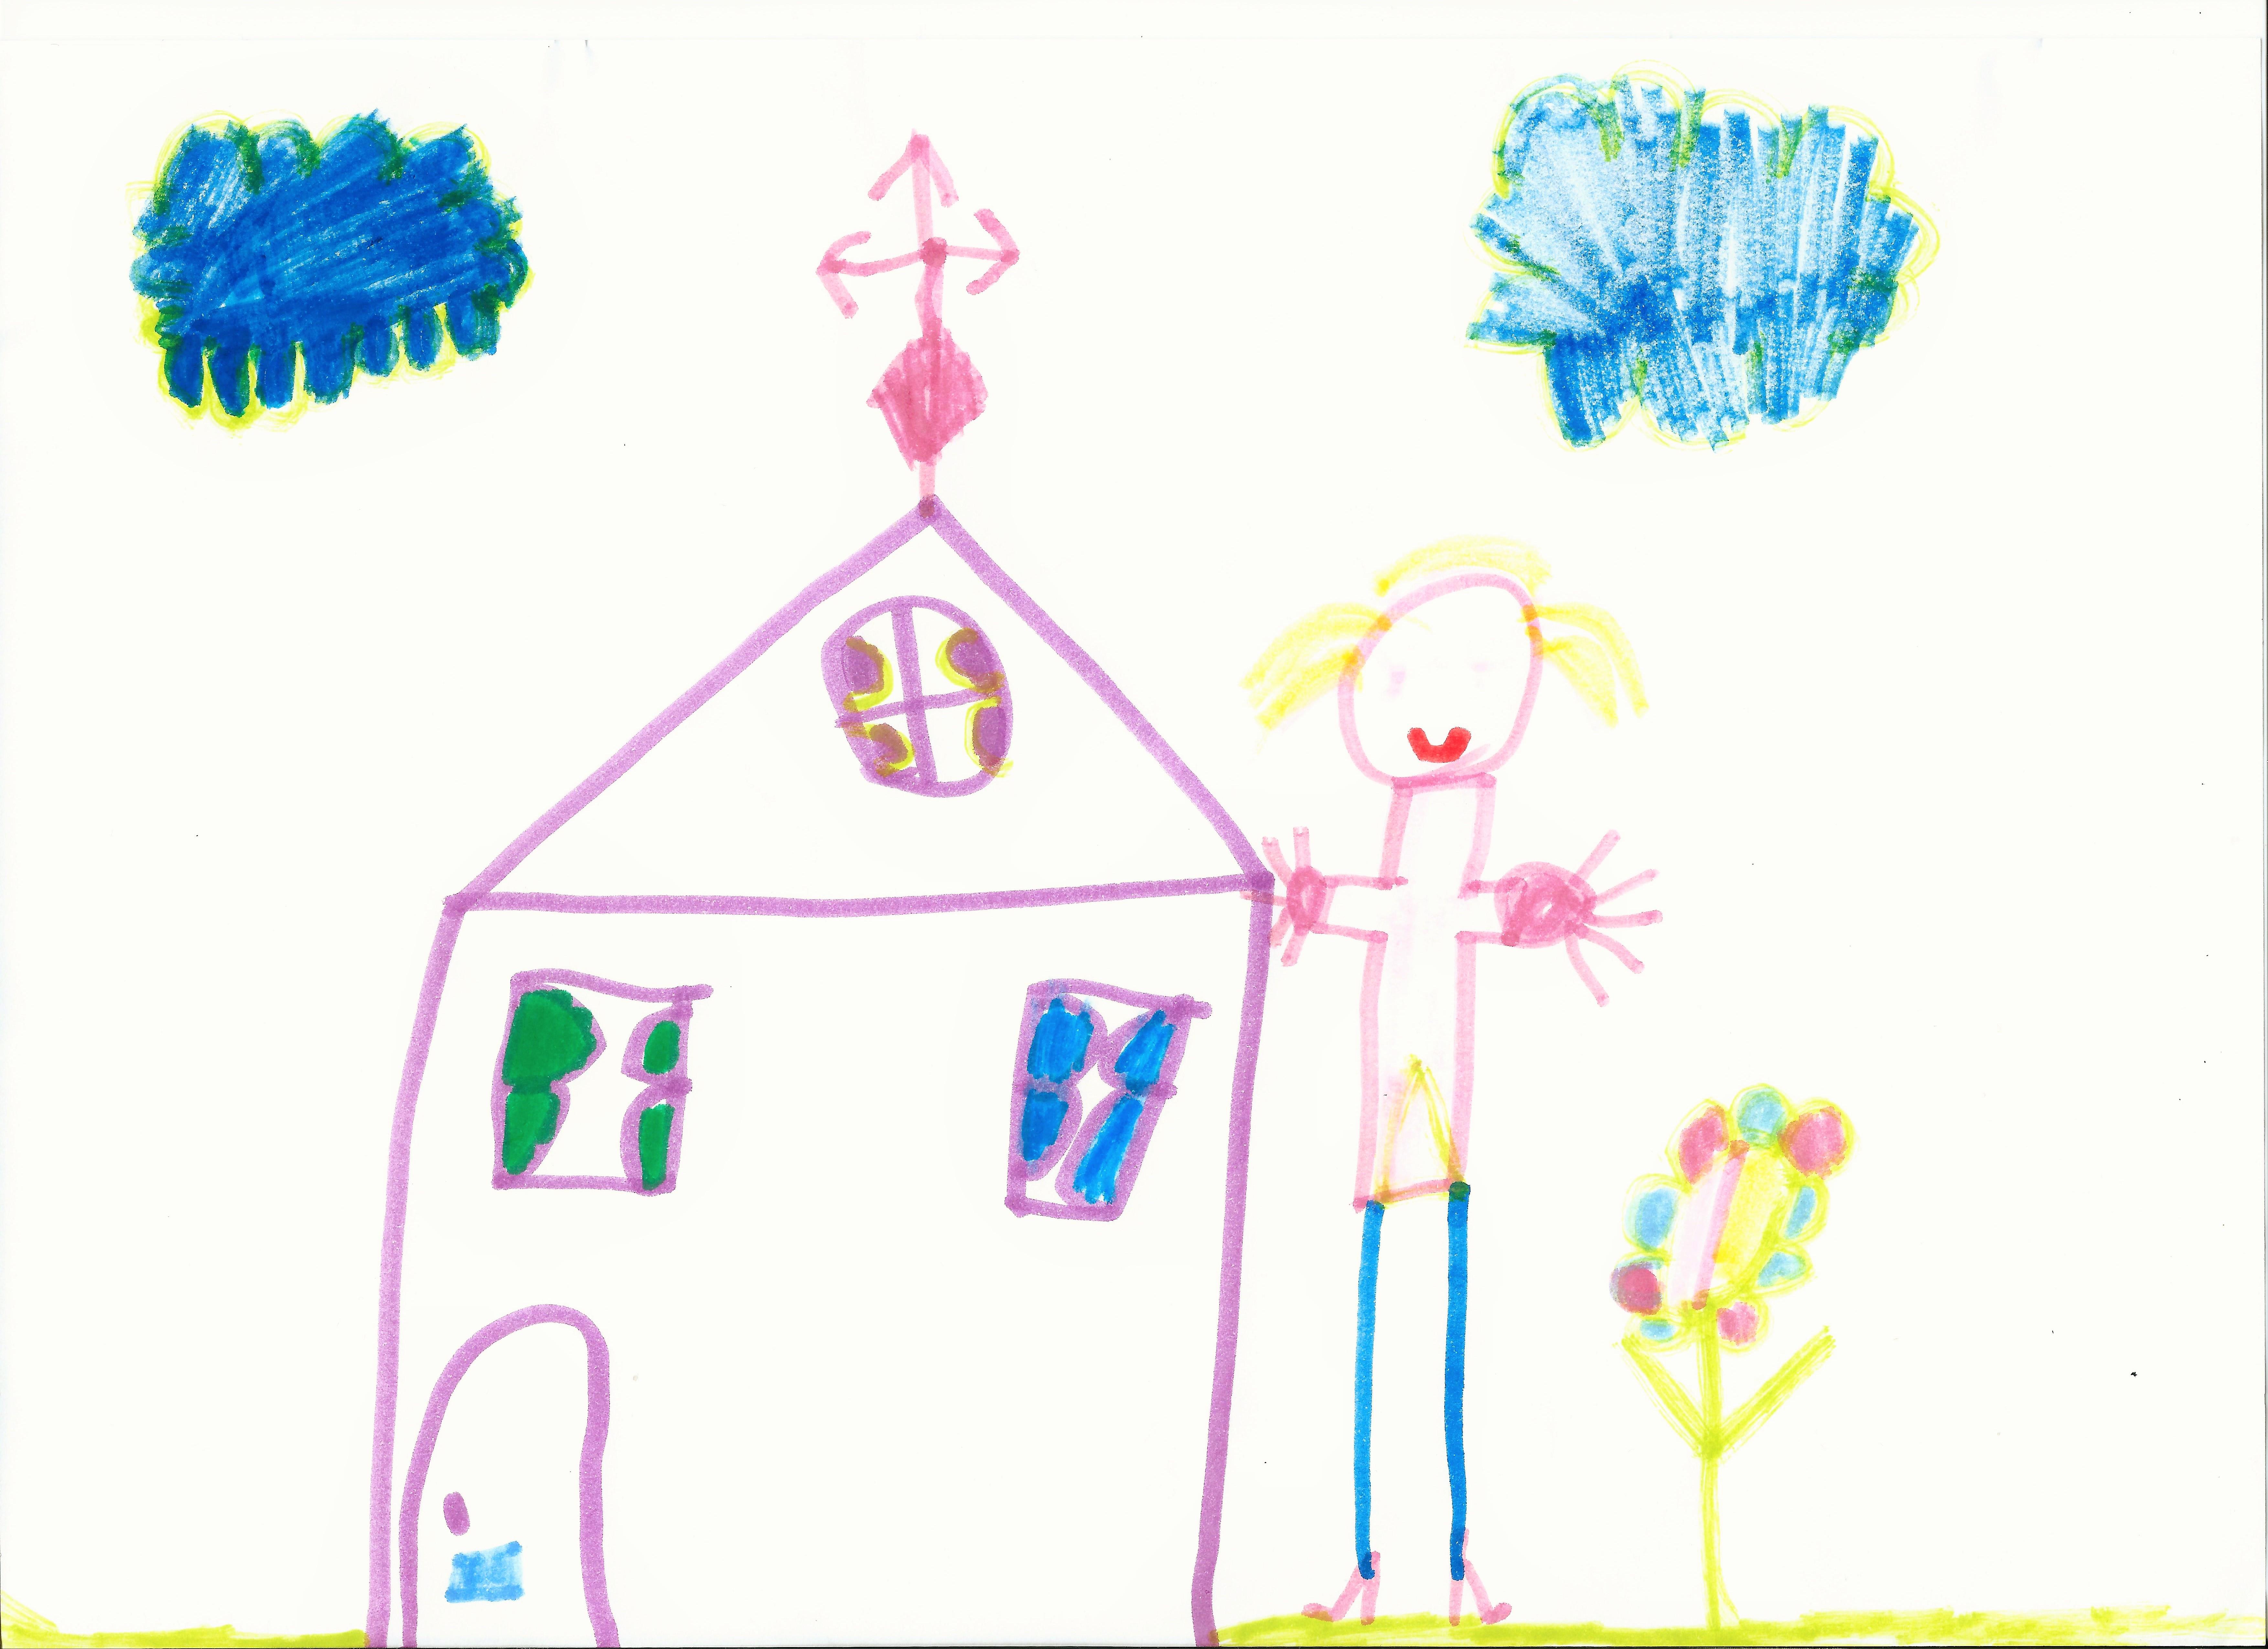 Tekeningen 5 jaar politieengedrag - Huis van kind buiten ...